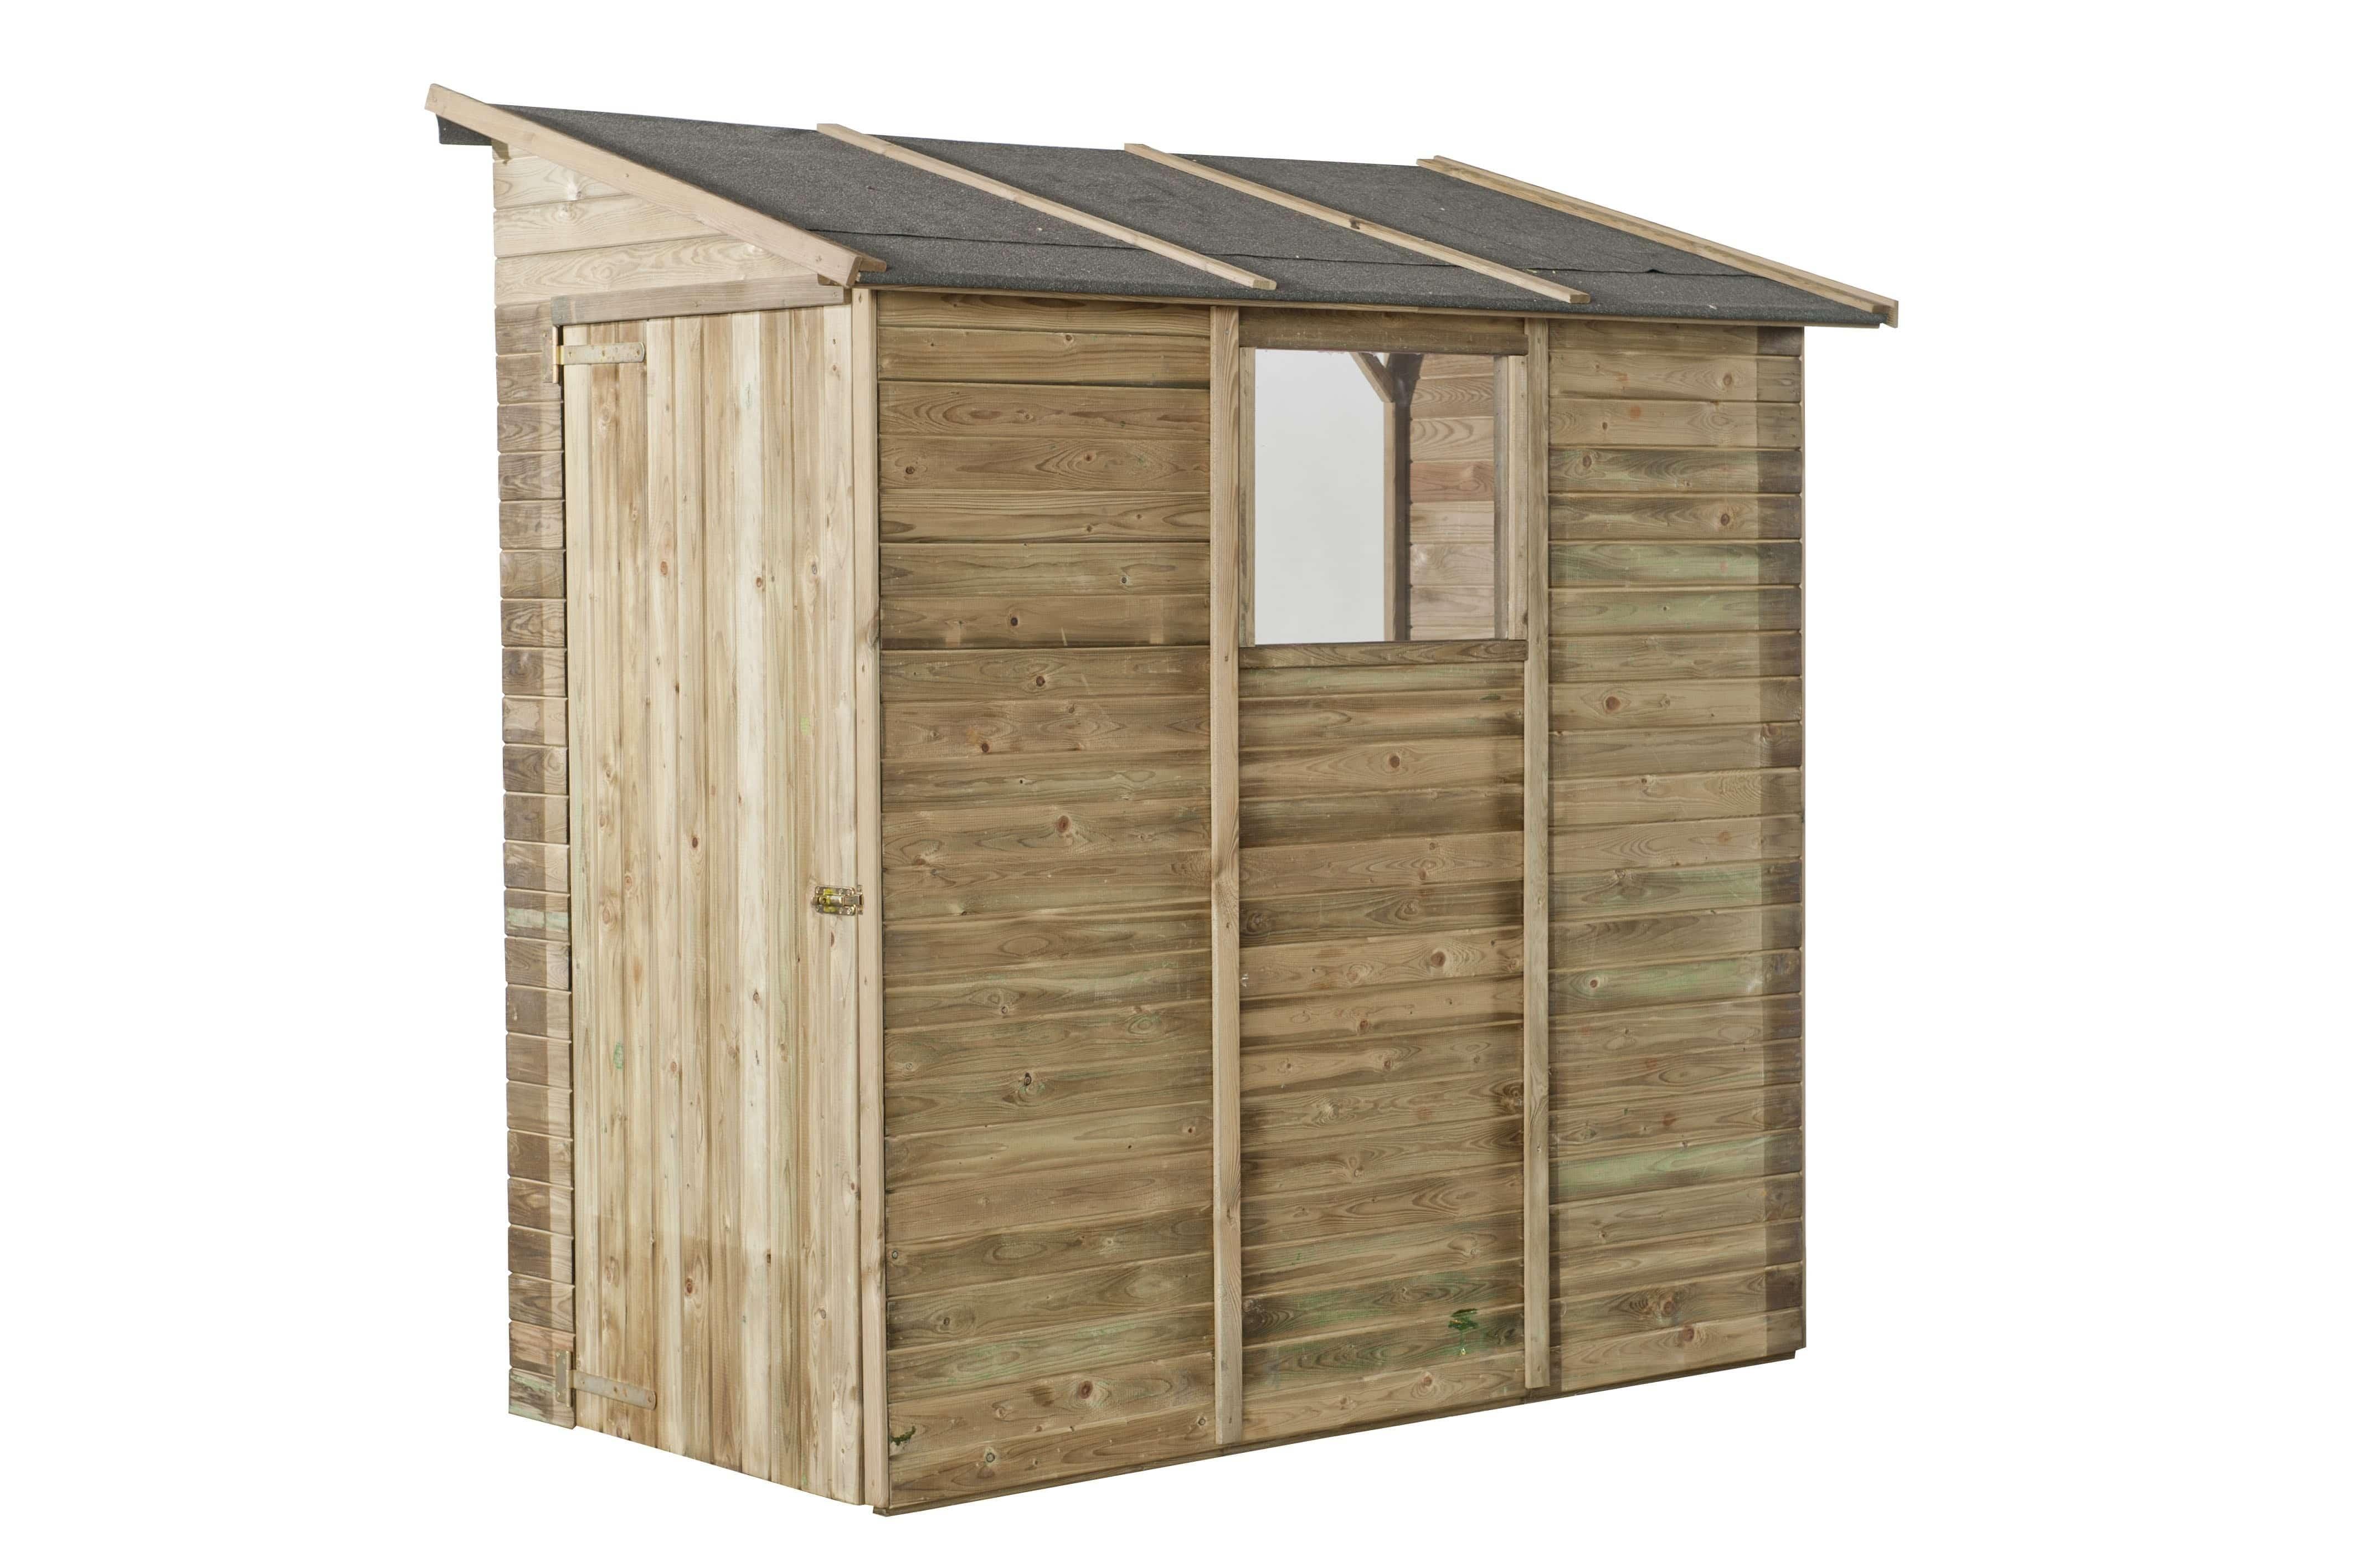 Casette legno da giardino ikea idea di casa for Casette in legno da giardino ikea